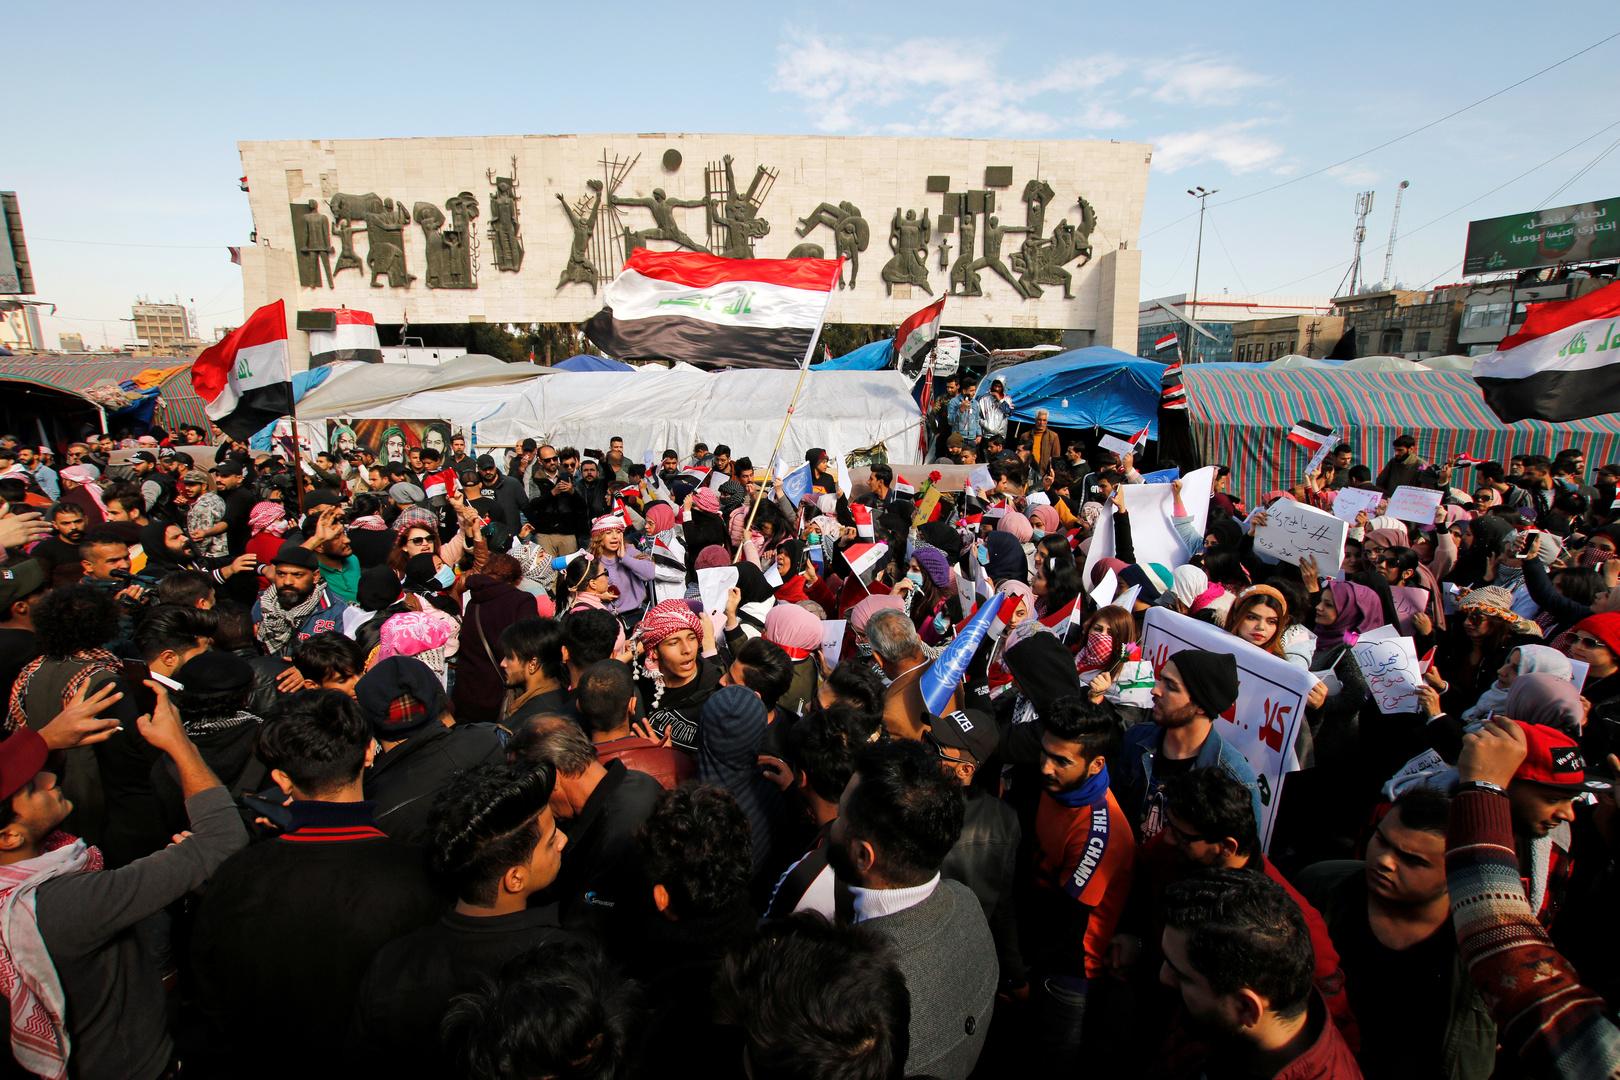 مصدر لـRT: انقسام في اجتماعات القوى السياسية العراقية بشأن حكومة علاوي